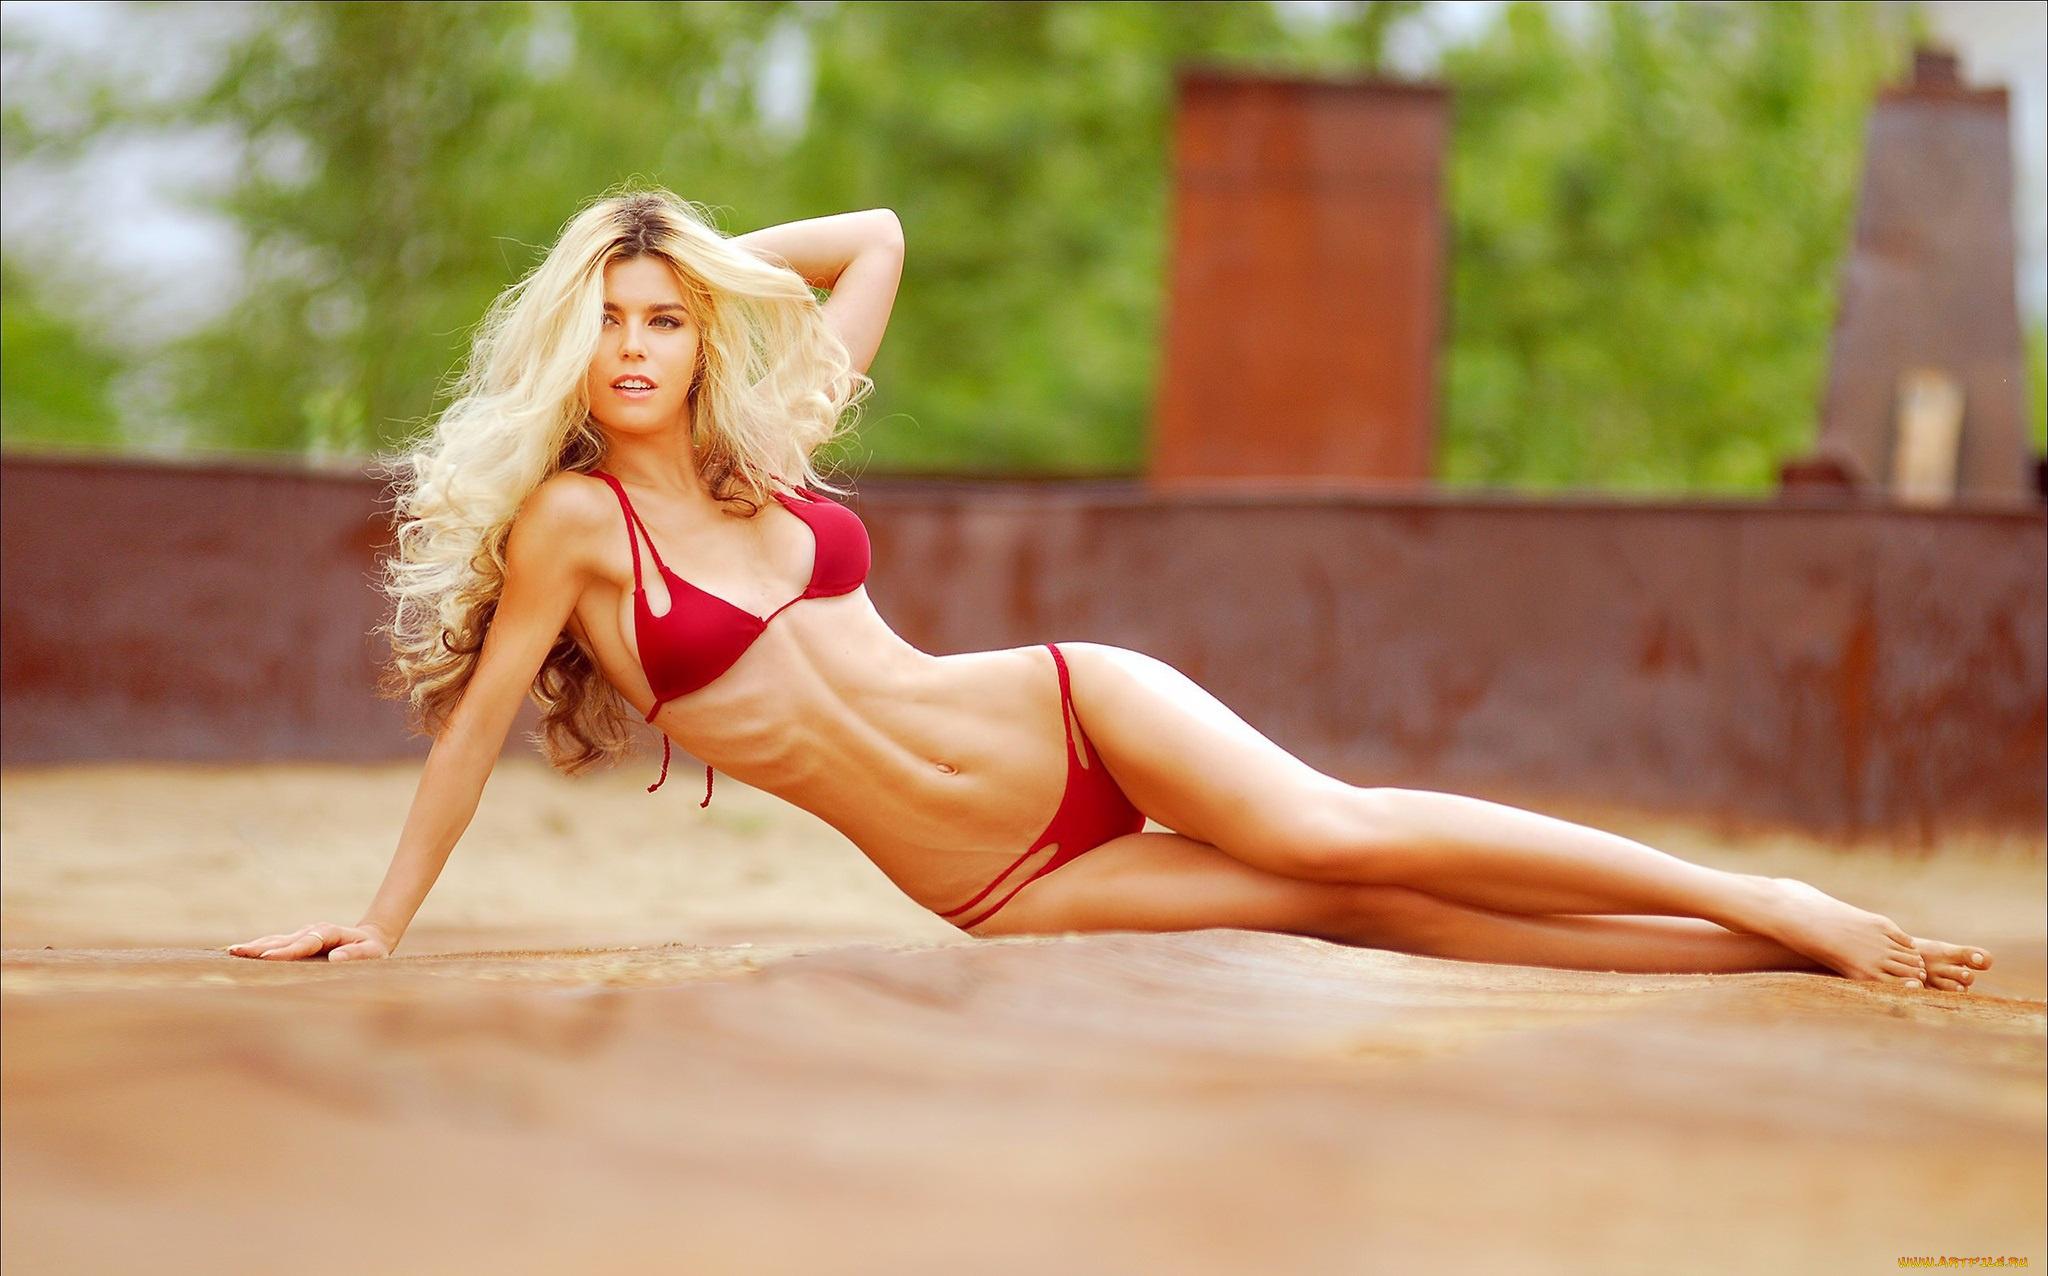 эффект тело красивых блондинок фото незаметно перешел